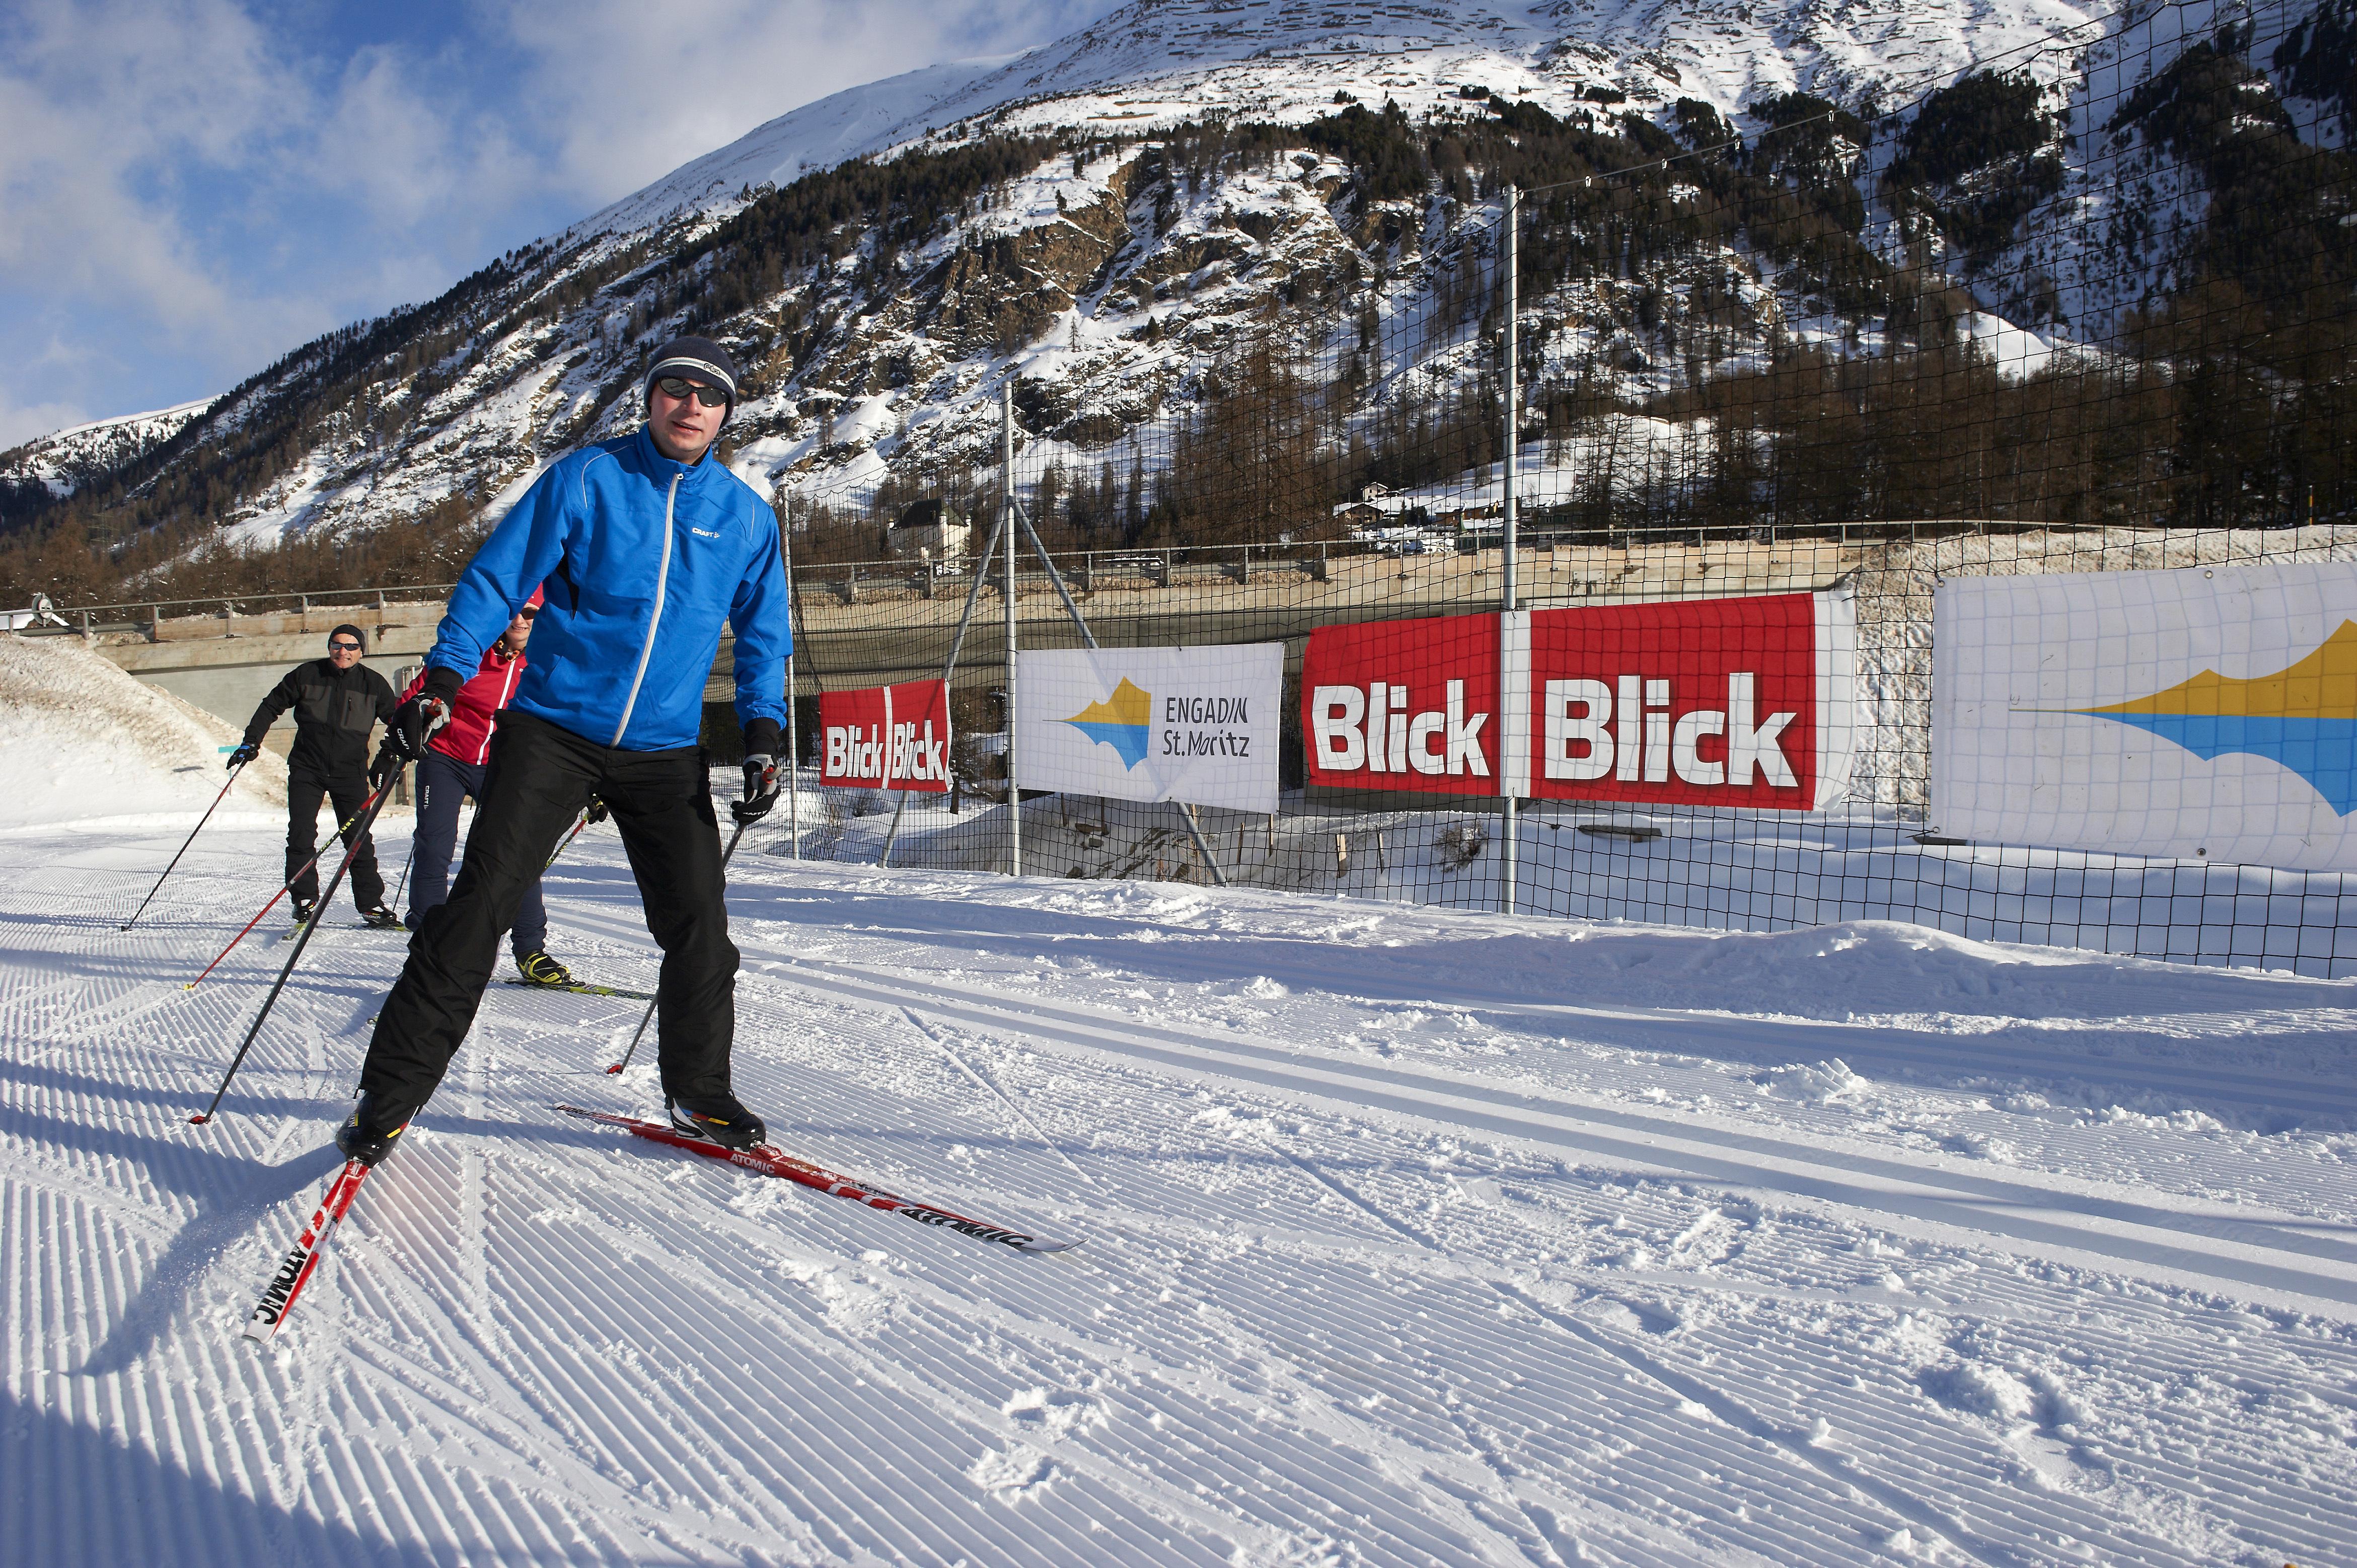 Vorbereitung auf den Engadin Skimarathon Slide 1